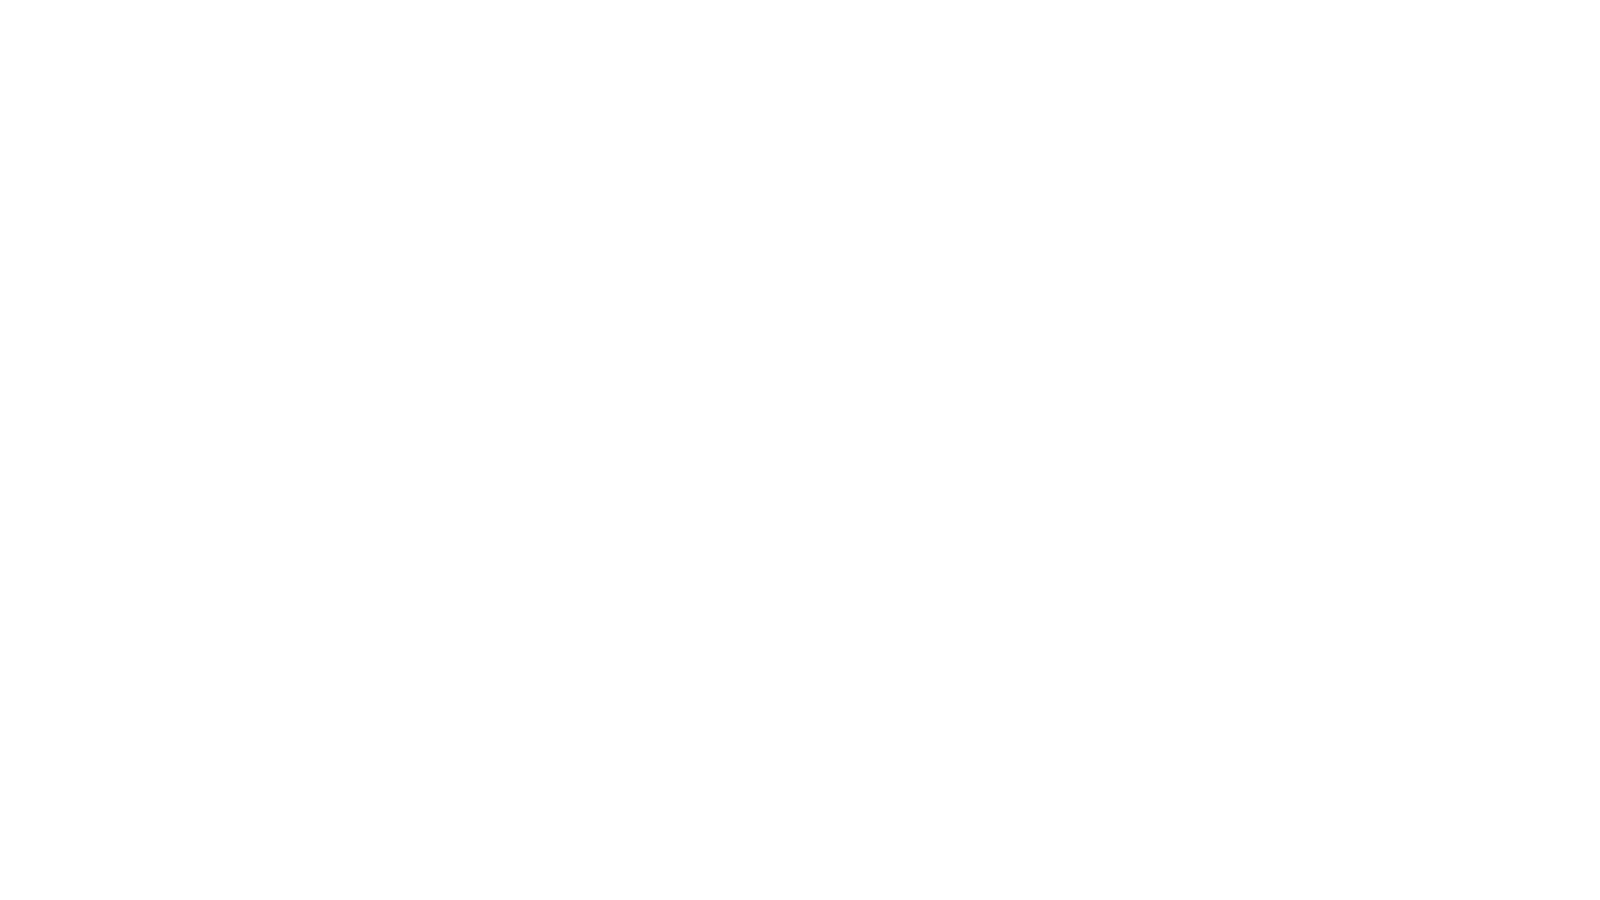 20 ANOS DE RITMO MELODIALink da entrevista: https://www.ritmomelodia.mus.br/entrevistas/sid-poffo/Você conhece a Revista Ritmo Melodia.Somos o maior banco de dados de entrevistas com músicos brasileiros. Aqui, além de consultar as informações, você pode avaliar e discutir sobre nossas entrevistas e artistas dos mais diversos gêneros, como: forró, samba, pagode, baião, maracatu, reggae, rock, pop, mpb, brega, sertanejo, caipira, bossa nova, rap e muito mais.Já entrevistamos artistas como: Gilberto Gil, Dominguinhos, Sivuca, Tribo de Jah, Zé Rodrix, Yamandu Costa, Papete, Geraldo Vandré, Nelson Faria, Paulinho da Viola, Nelson Sargento, Hyldon, Wilson Curia, entre tantos outros, todo mês temos muitas outras novas.Site: https://www.ritmomelodia.mus.brInstagram: https://instagram.com/revistaritmomelodiaPinterest: https://br.pinterest.com/revistaritmomelodia/